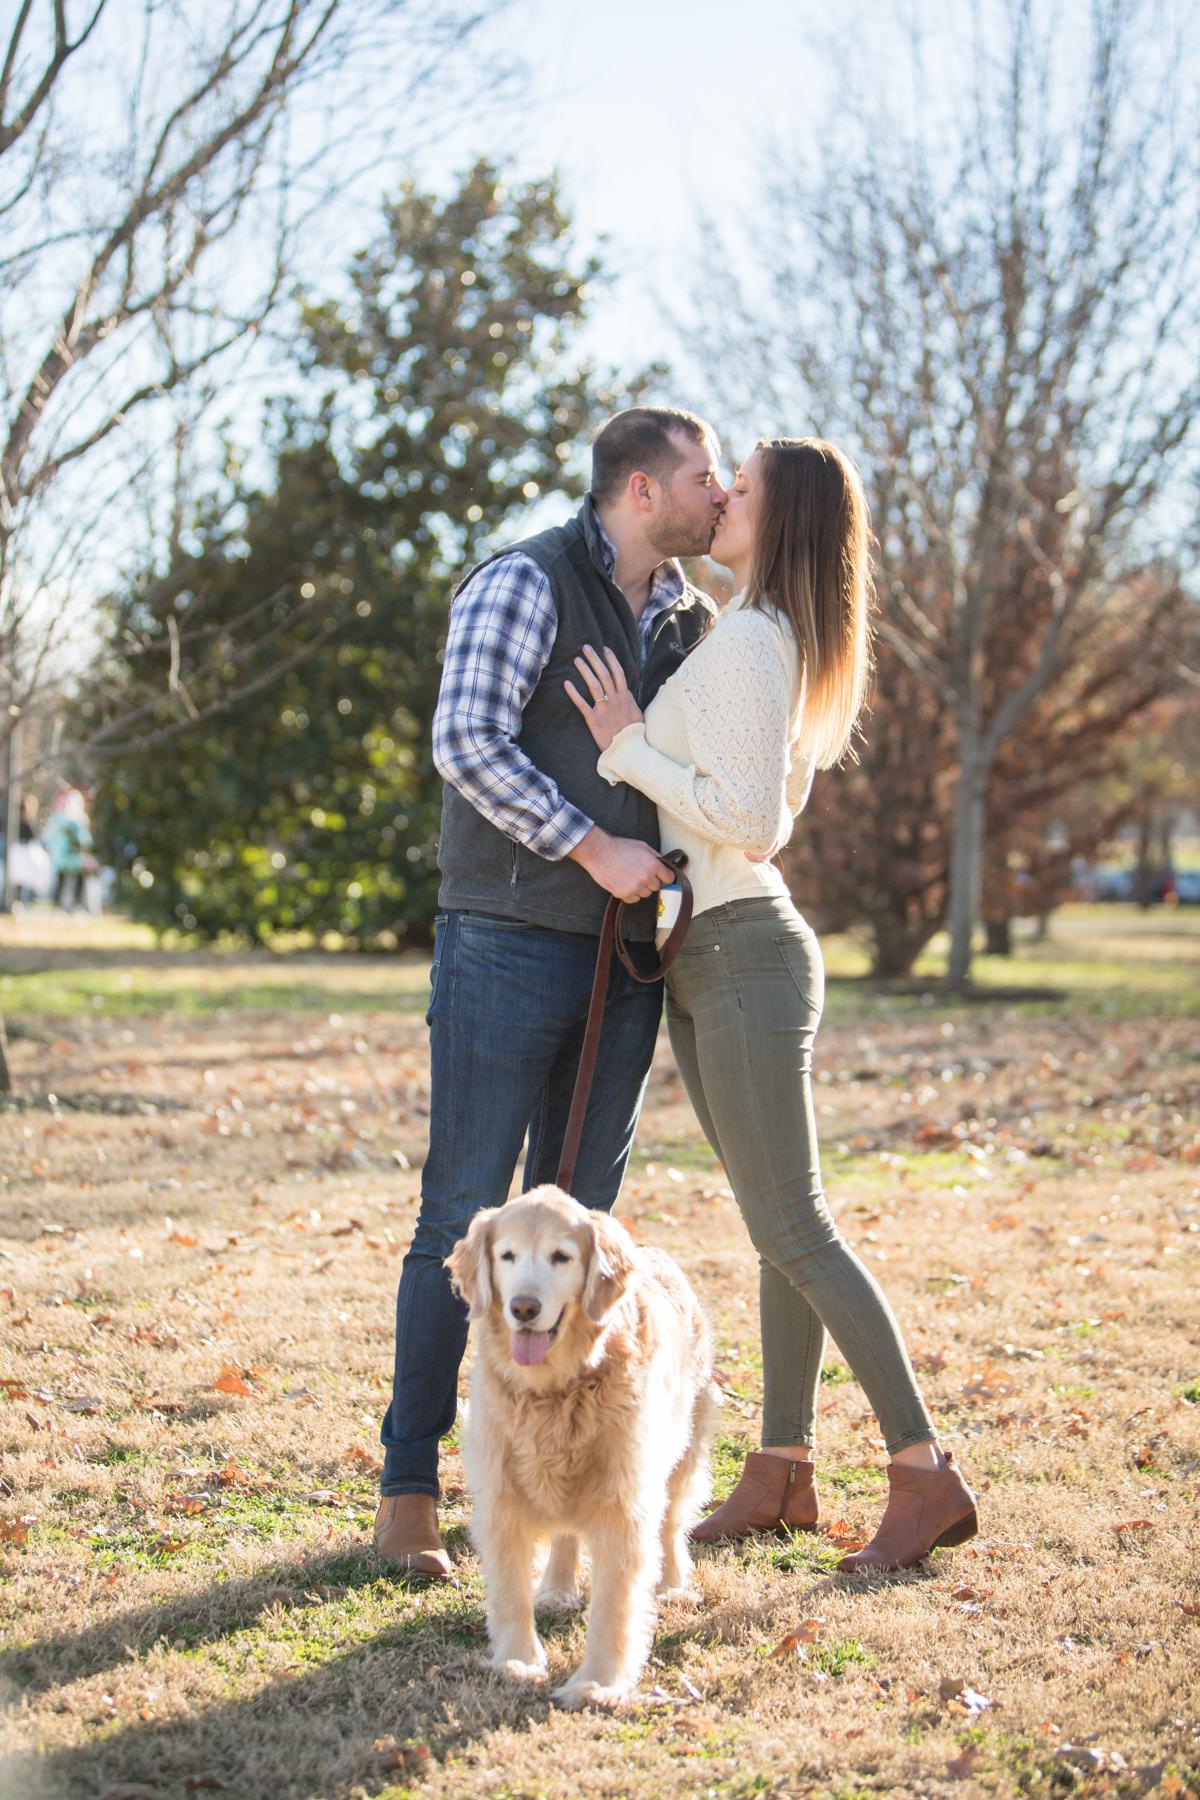 Lauren-and-Grant-Engagement-Centennial-Park-Nashville-Sneak-Peak-0002.jpg